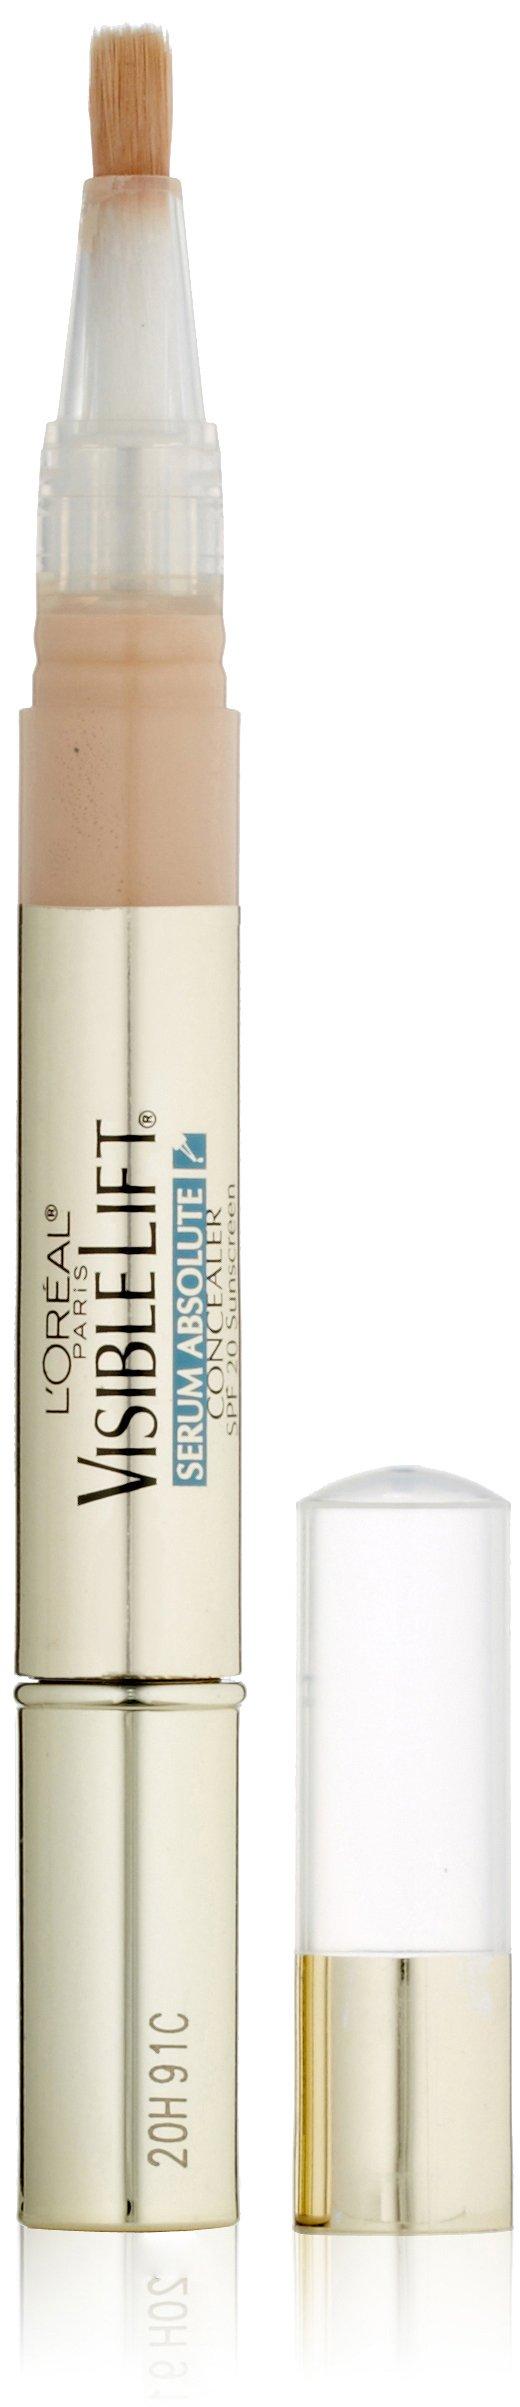 L'Oréal Paris Visible Lift Serum Absolute Concealer, Fair, 0.05 fl. oz.